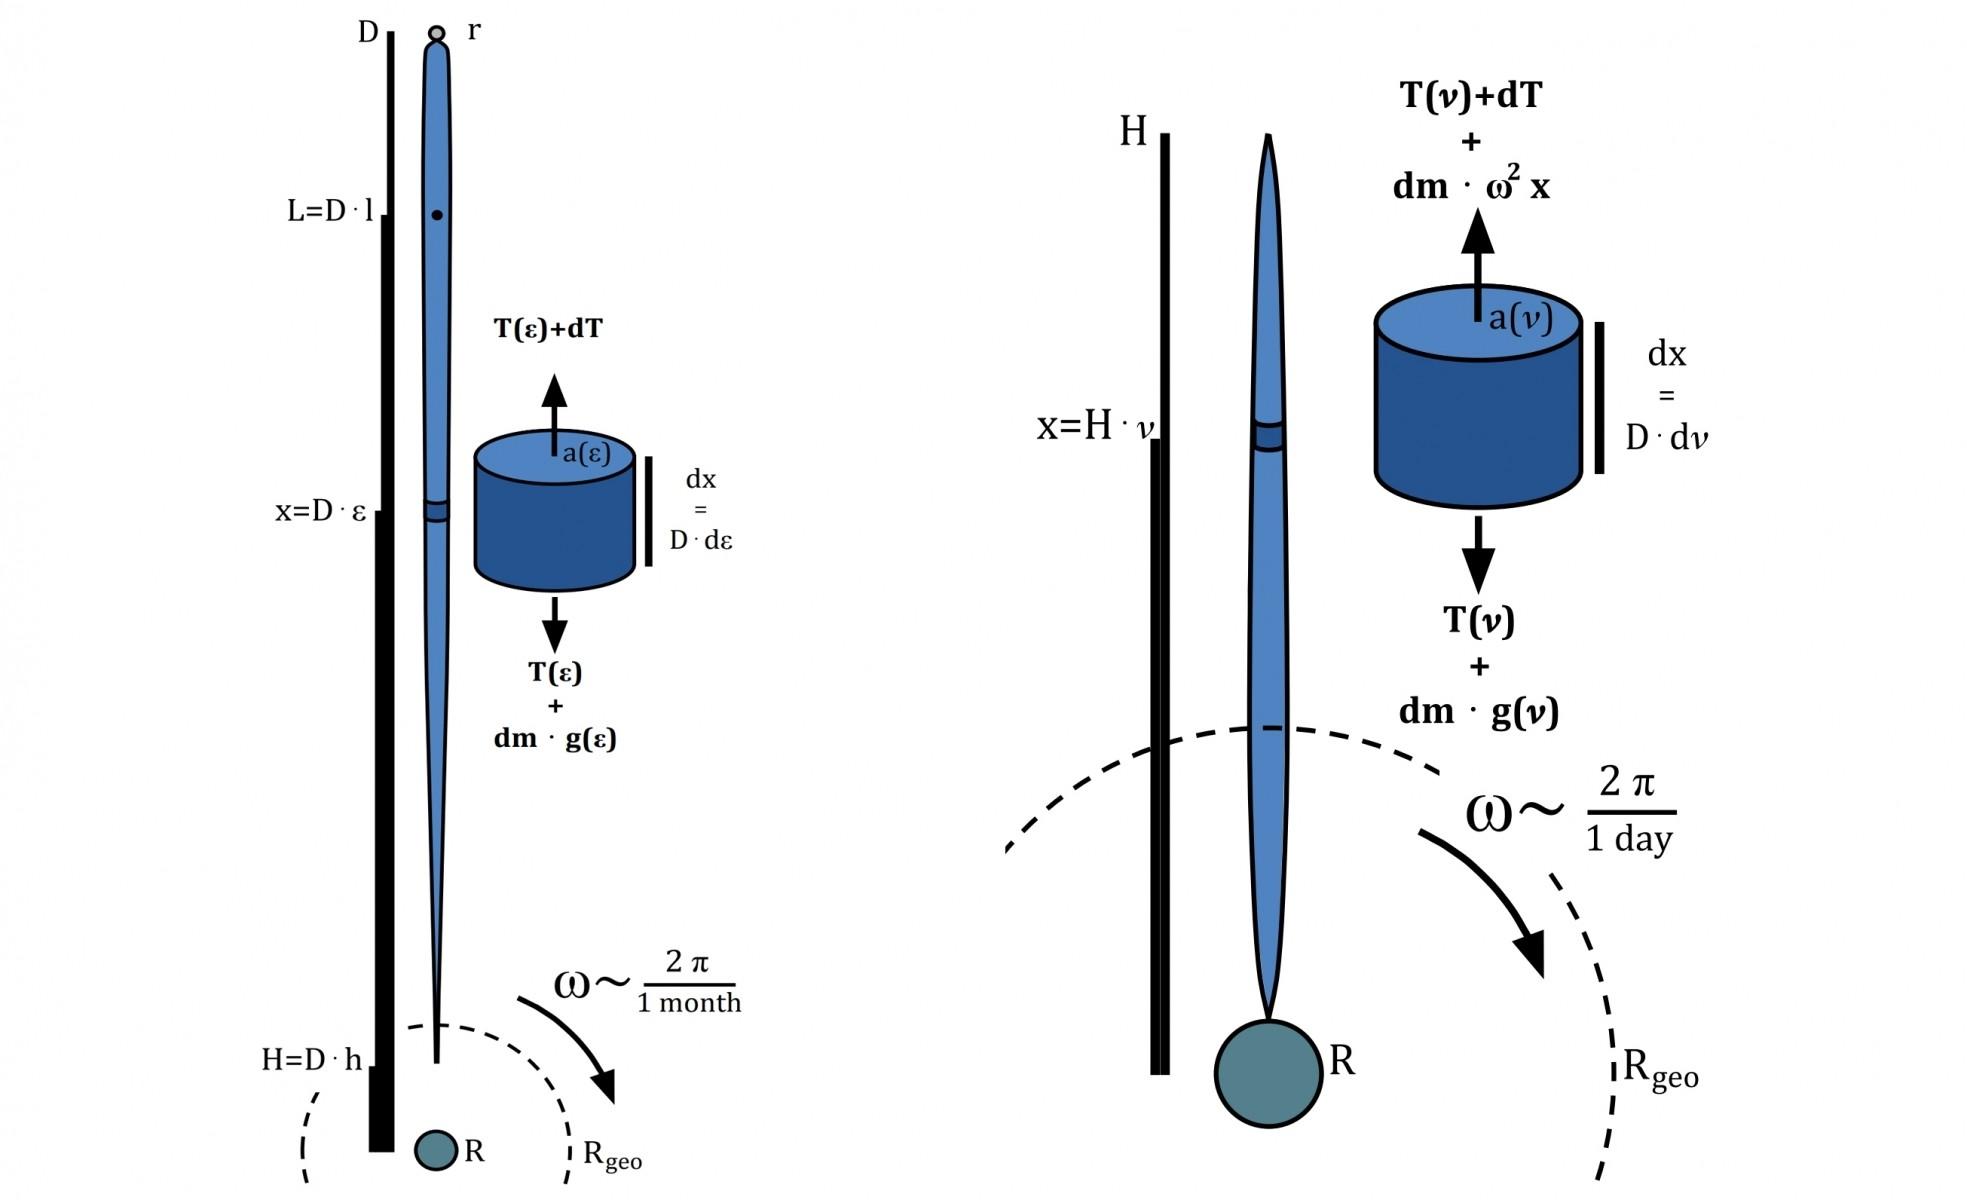 Schéma théorique représentant, à gauche, la Spaceline, et à droite le Space Elevator.